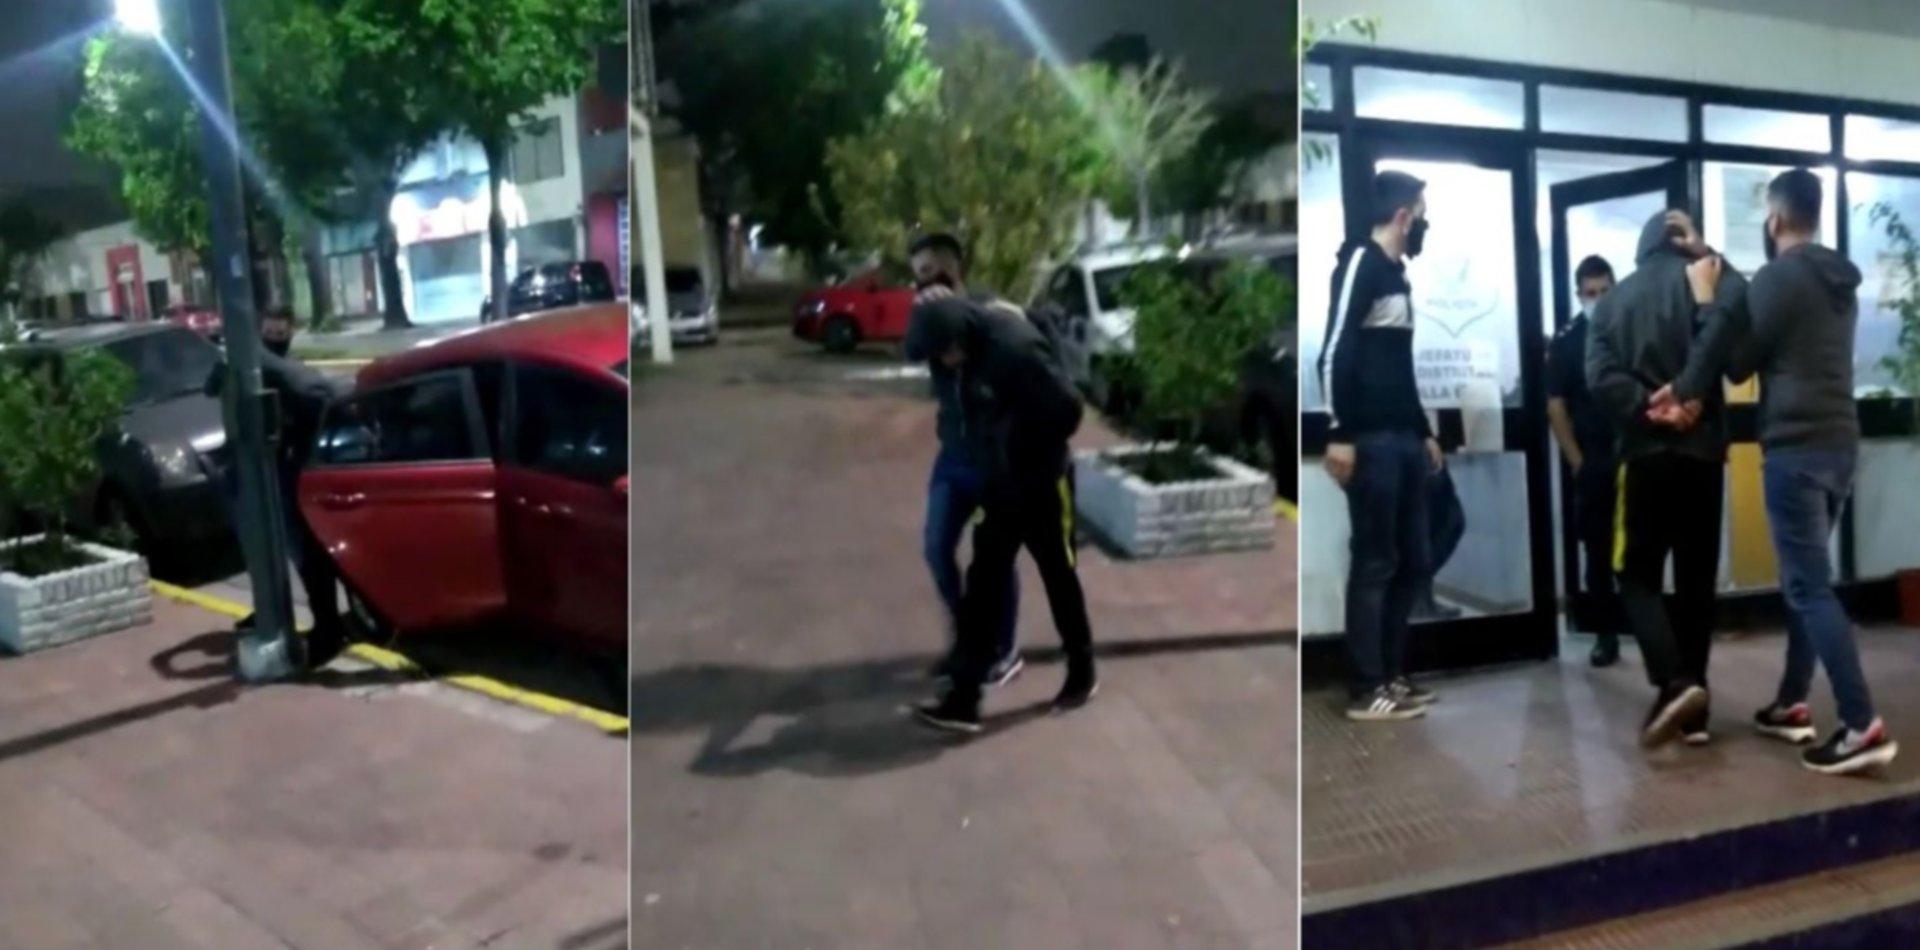 Así detuvieron al acusado del crimen que sacudió a La Plata